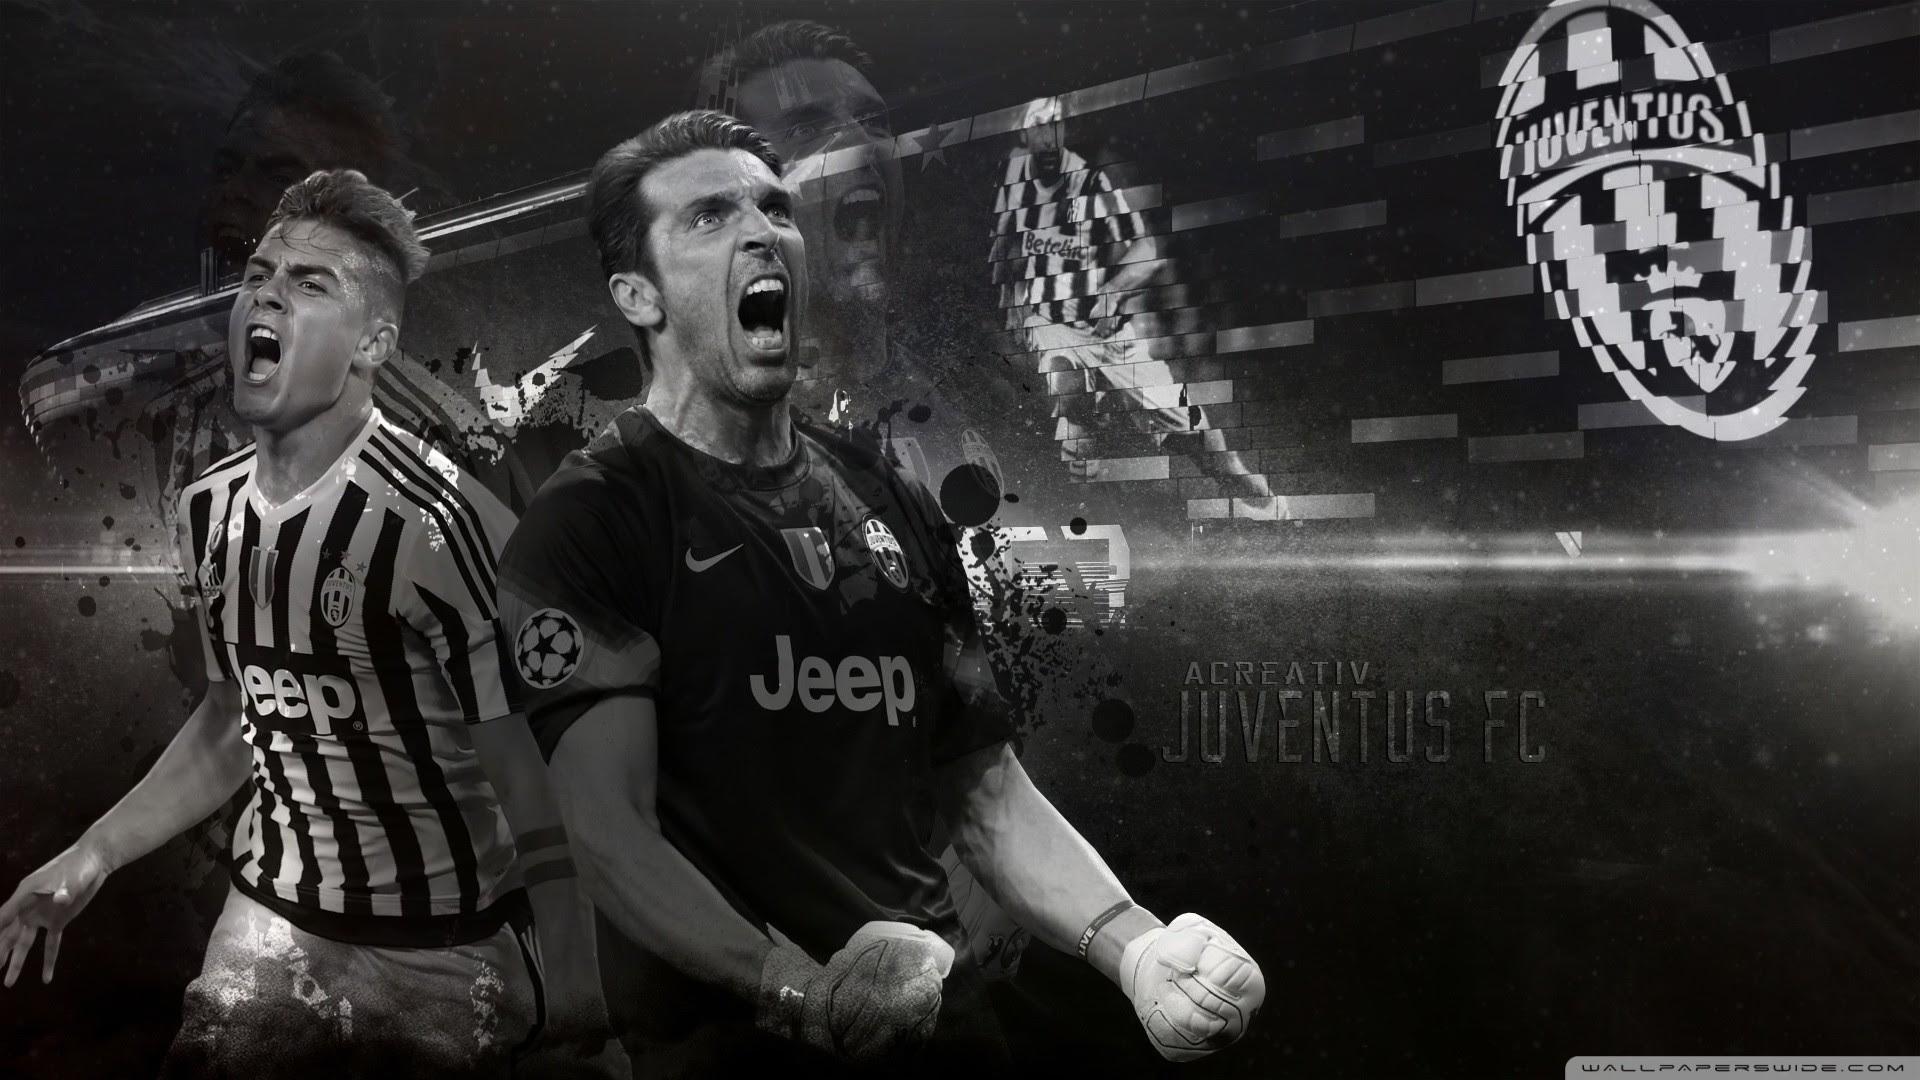 Juventus HD Wallpaper (67+ images)